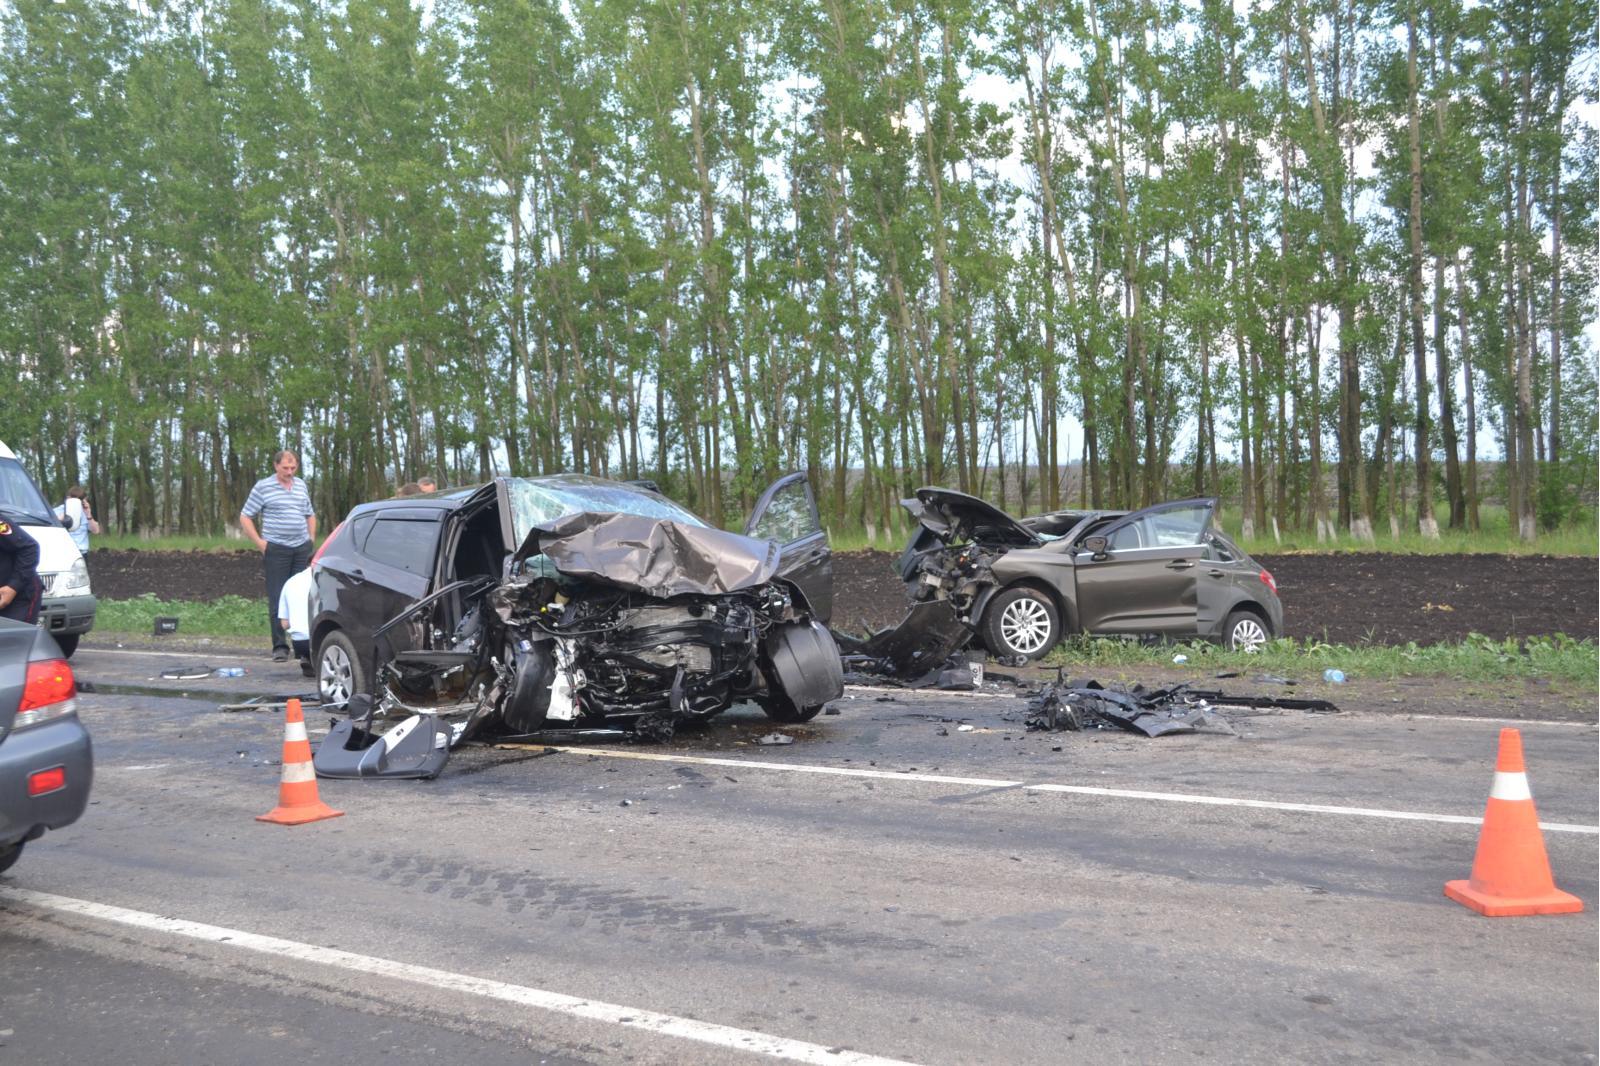 Сумне весілля: кортеж потрапив в жахливу автокатастрофу – всі загинули (відео)